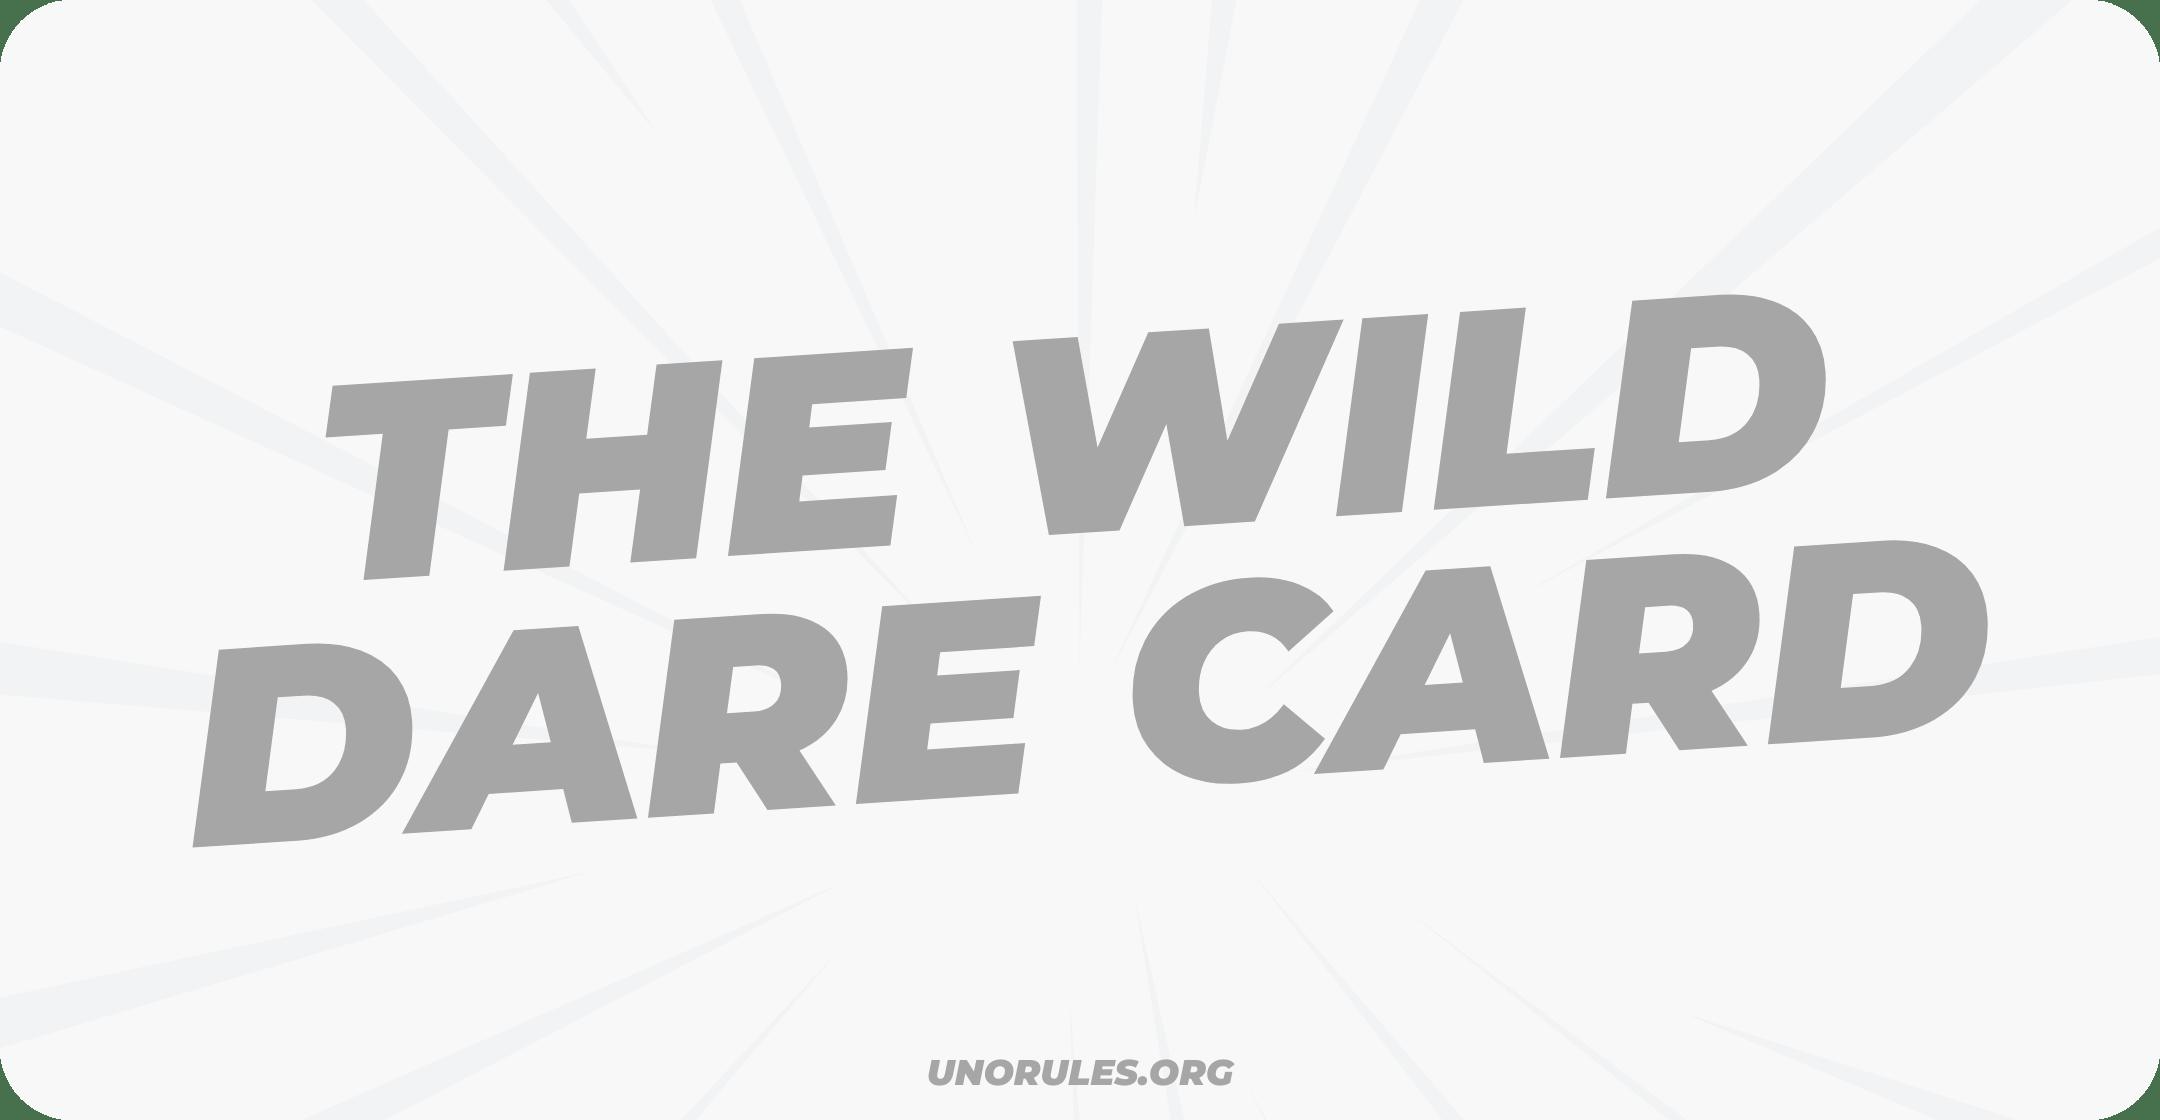 The wild dare card